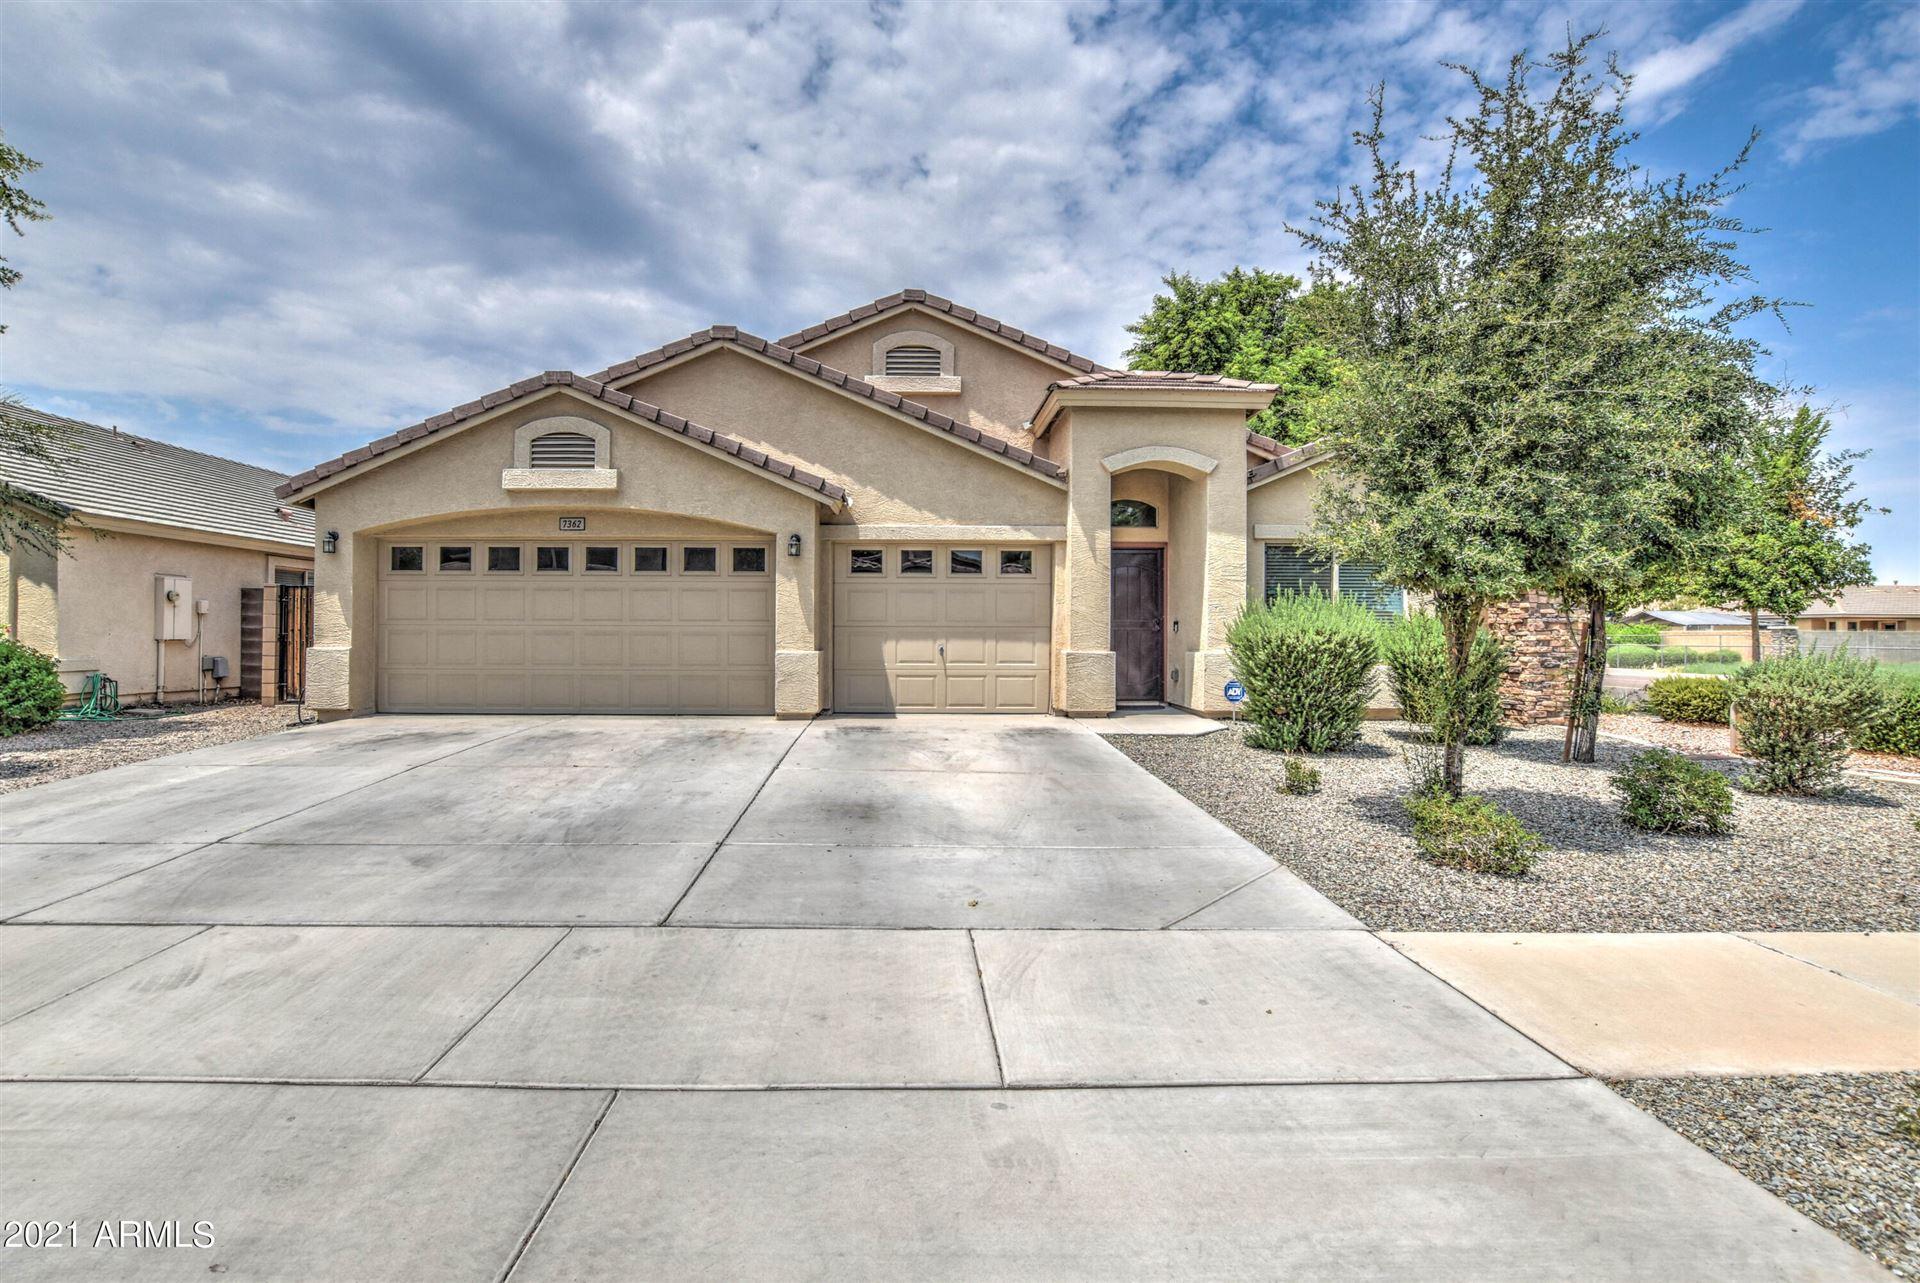 Photo of 7362 N 72nd Avenue, Glendale, AZ 85303 (MLS # 6268712)